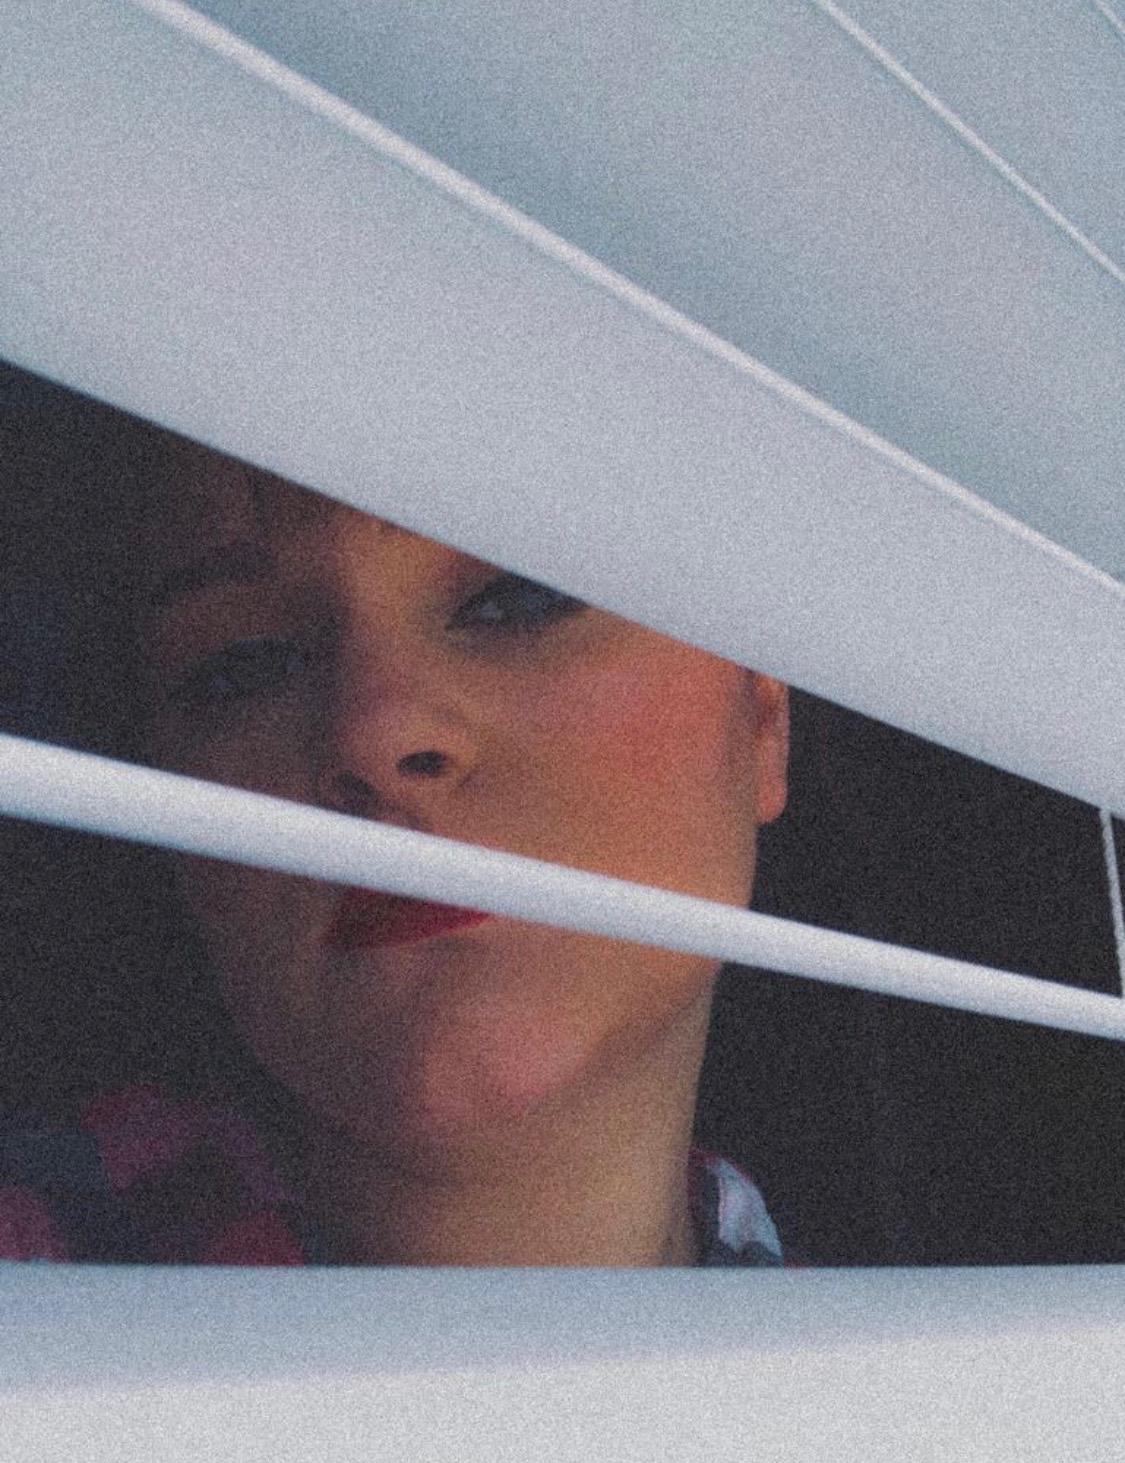 Briggy Jones looking through blinds